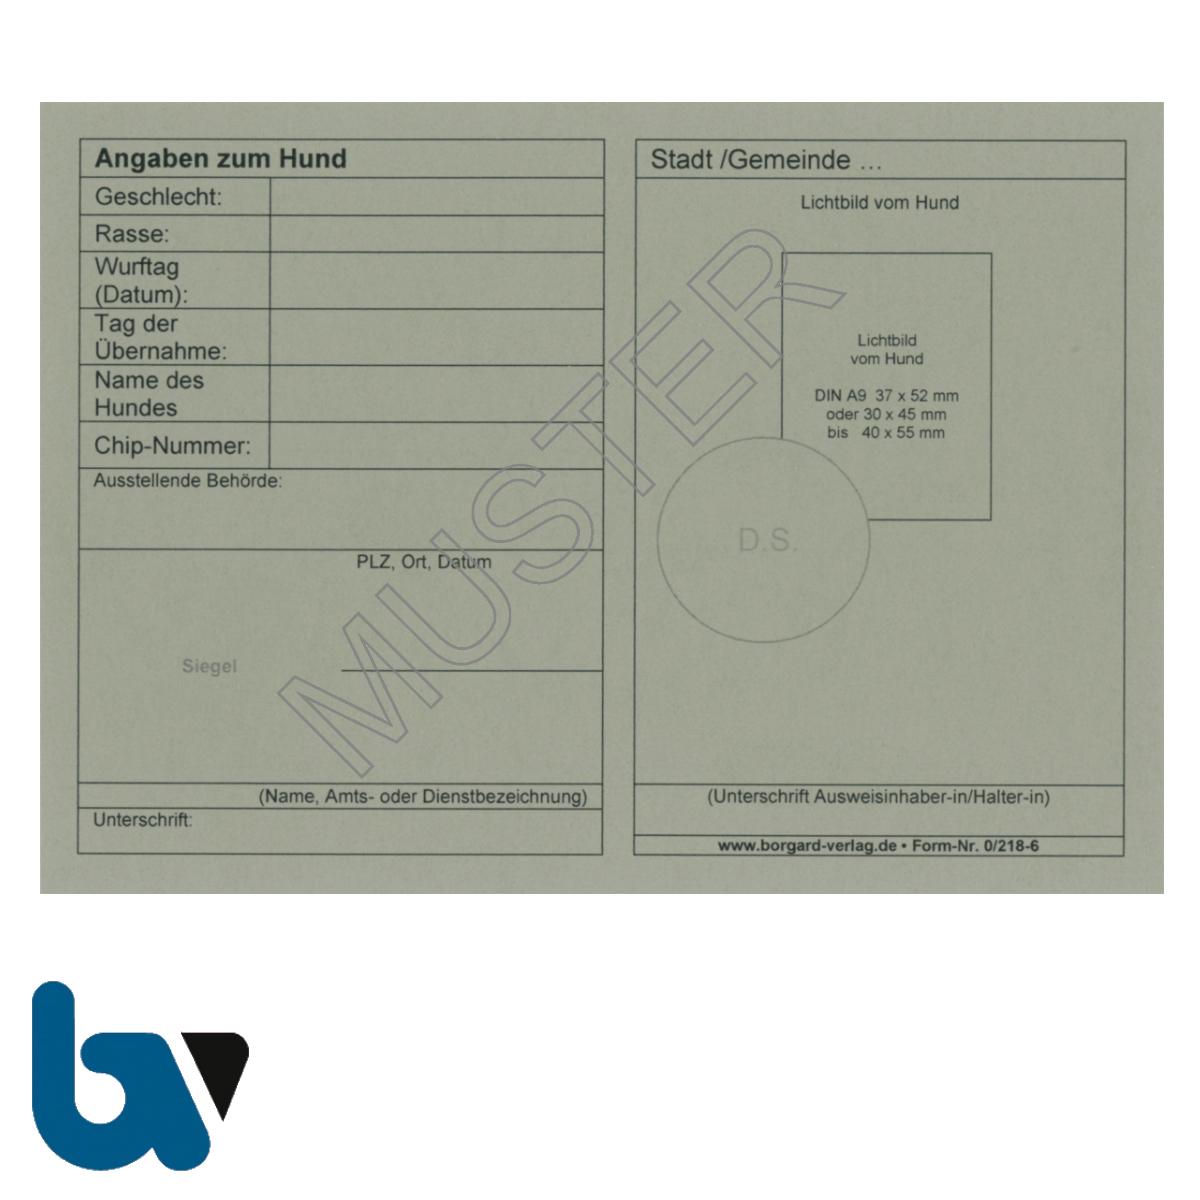 0/218-6 Ausweis Haltung Führung gefährlich Hund neutral grau Neobond DIN A6 A7 Rückseite | Borgard Verlag GmbH